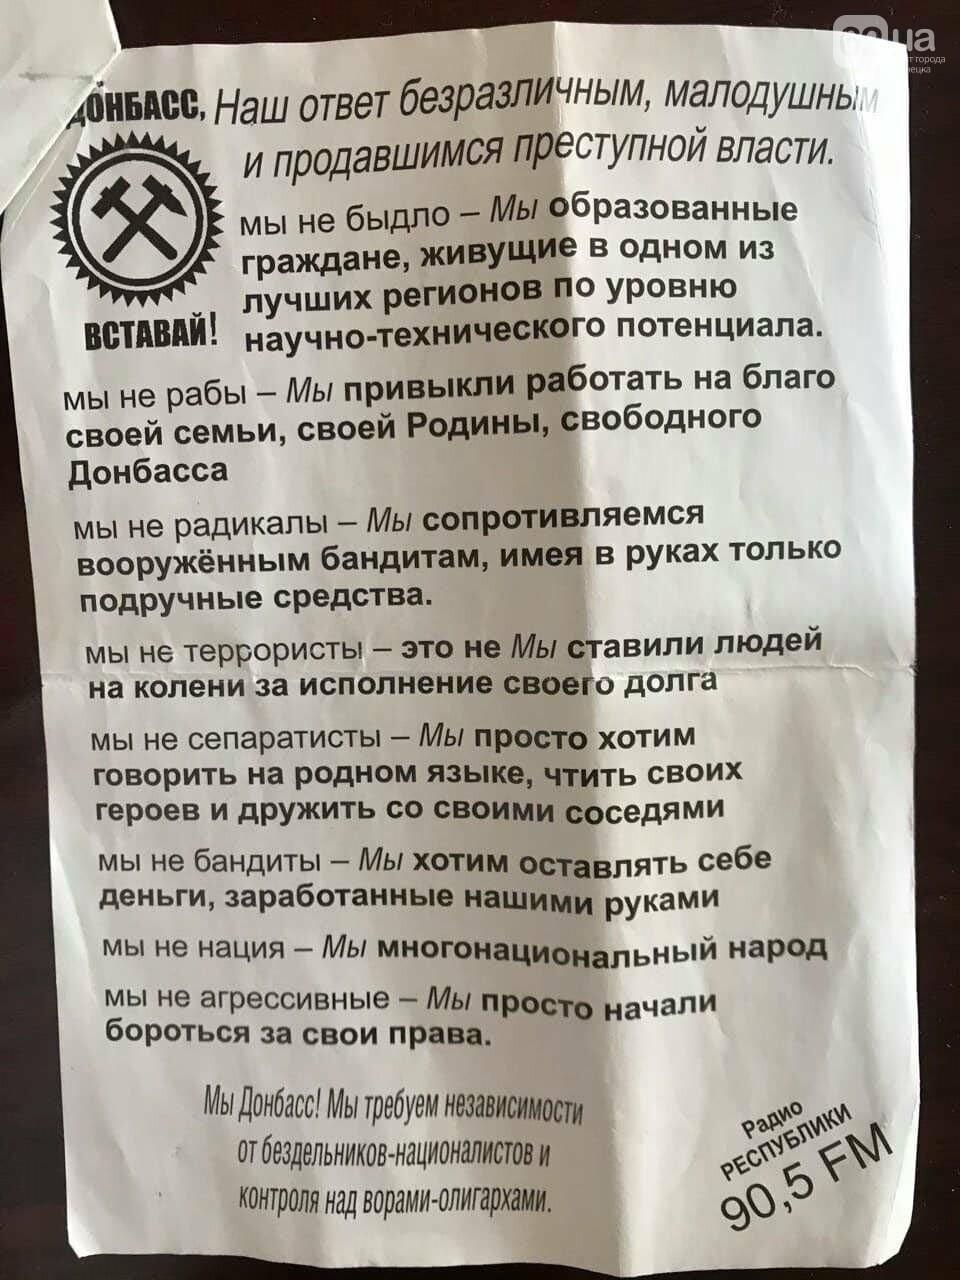 Гармаш: Россия выбрала абхазский сценарий для Донбасса, фото-1